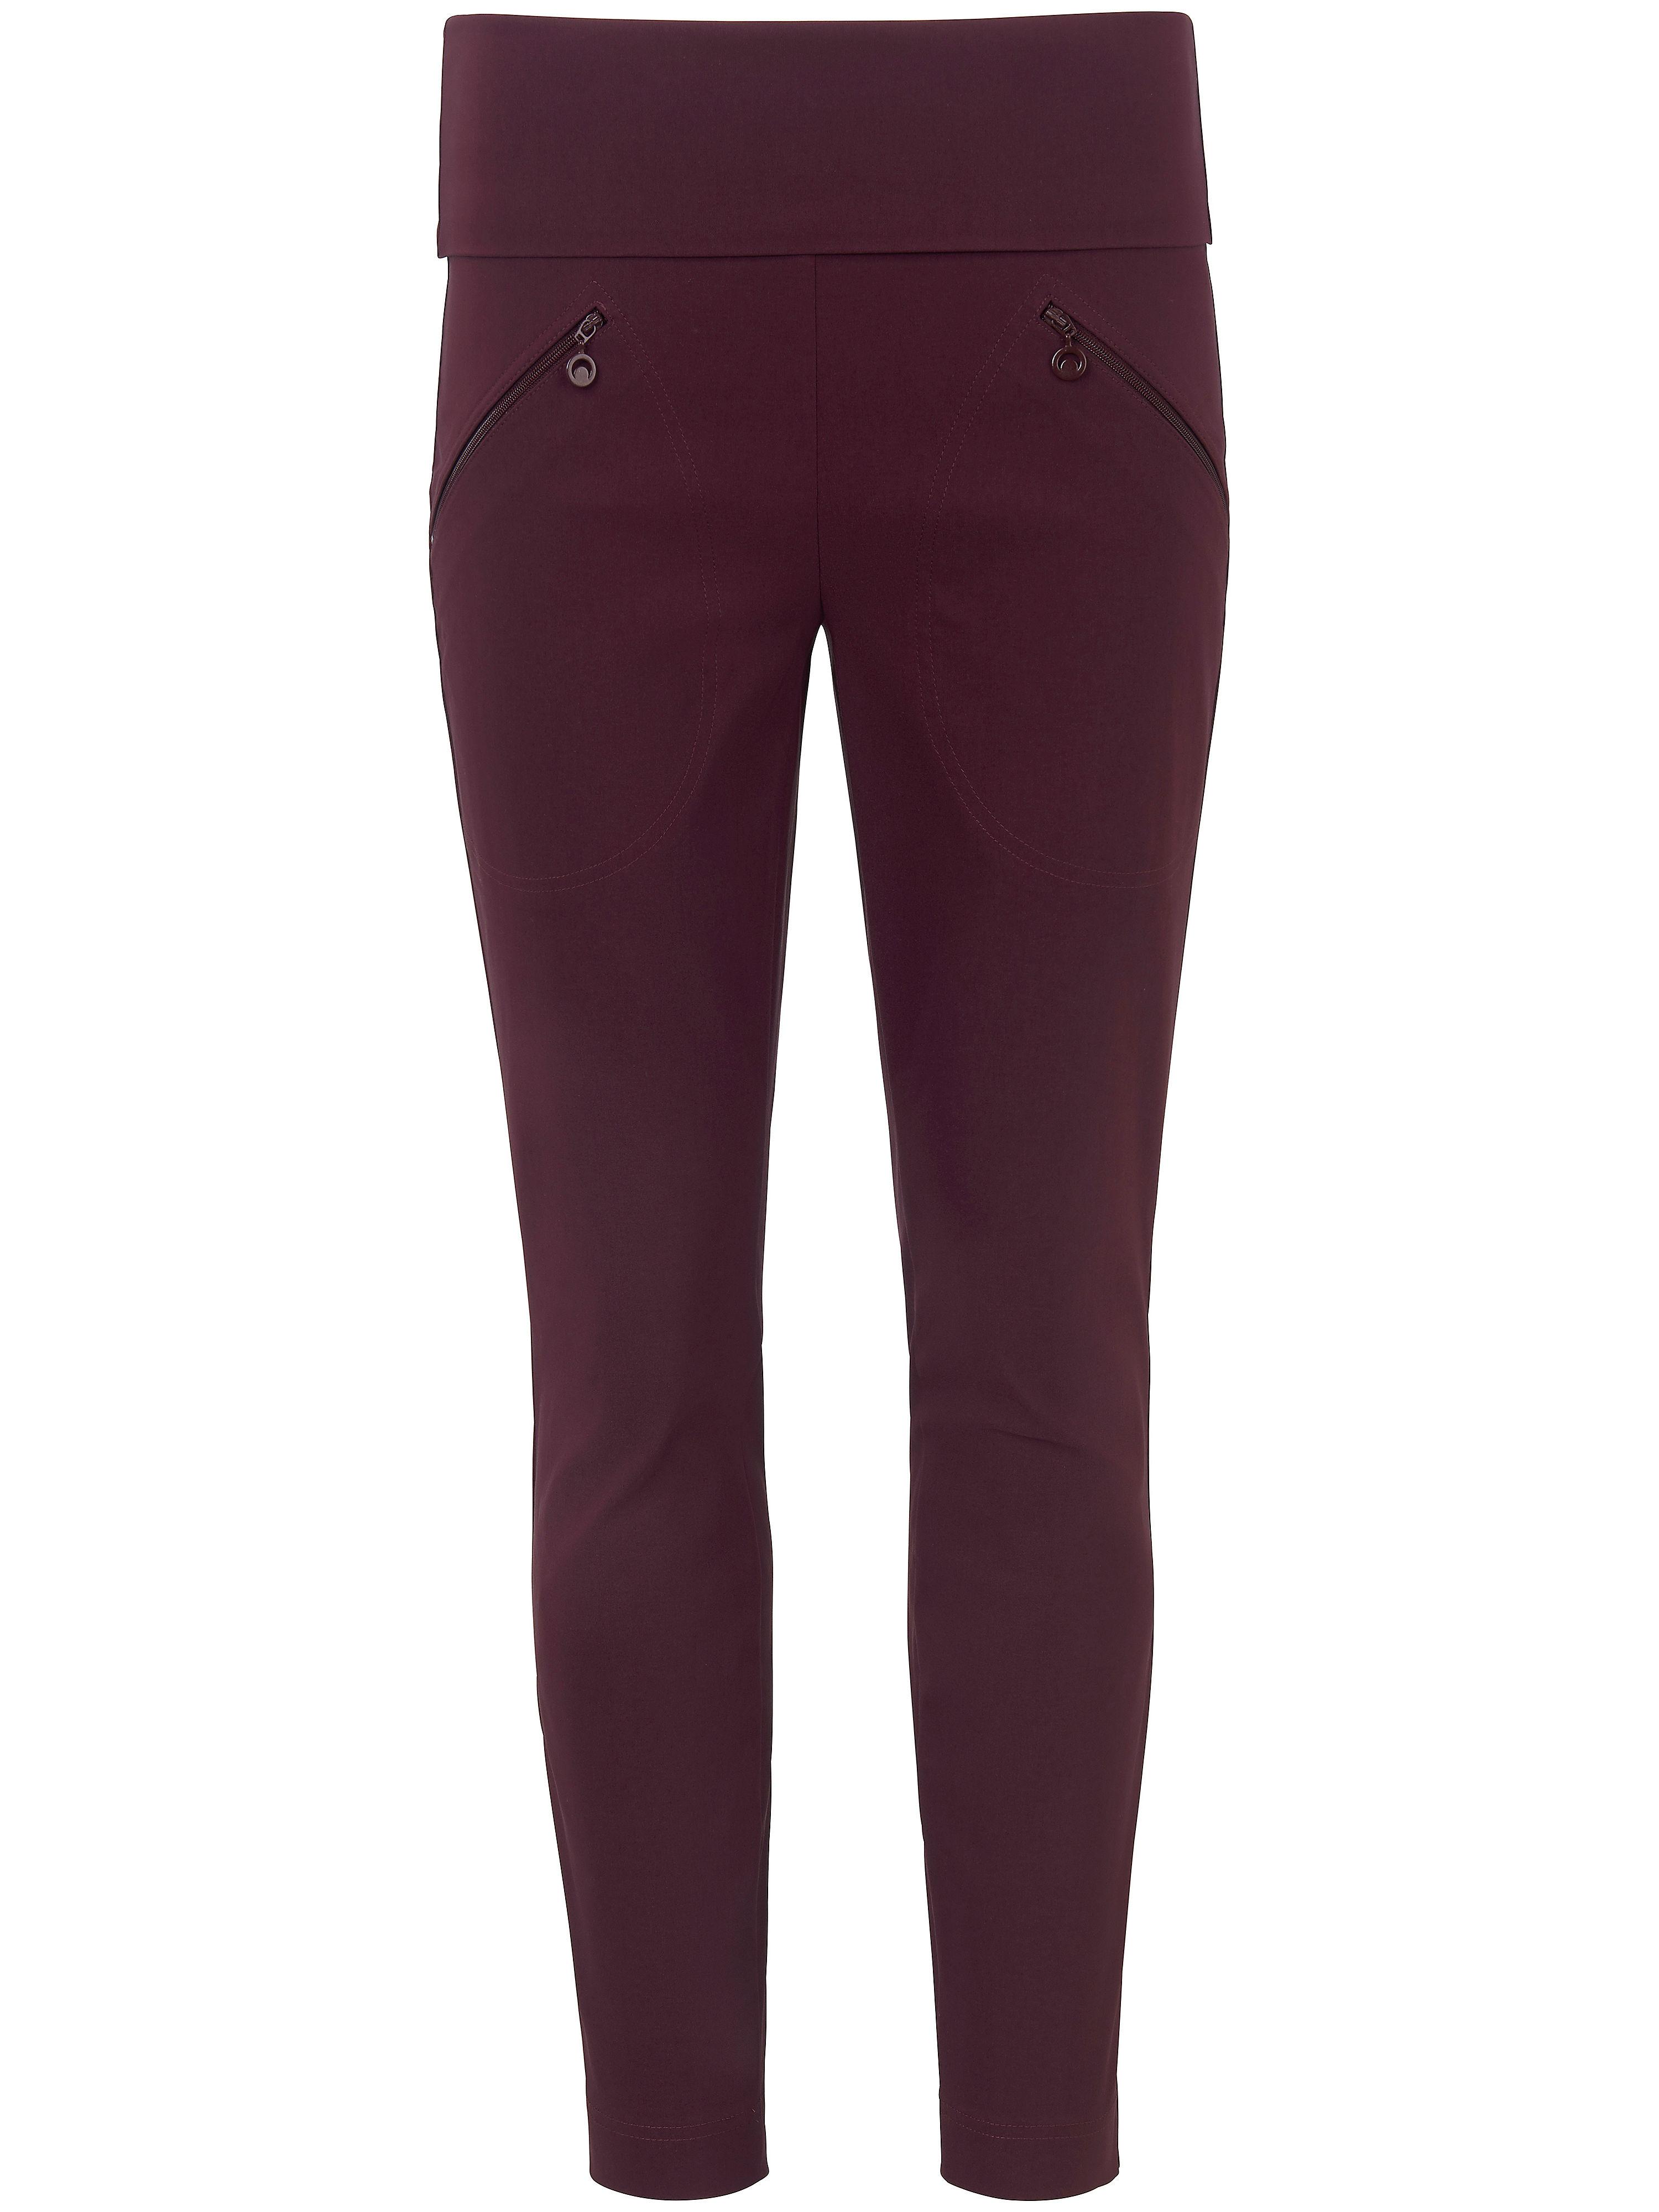 Le pantalon longueur chevilles coupe Sylvia  Peter Hahn rouge taille 46